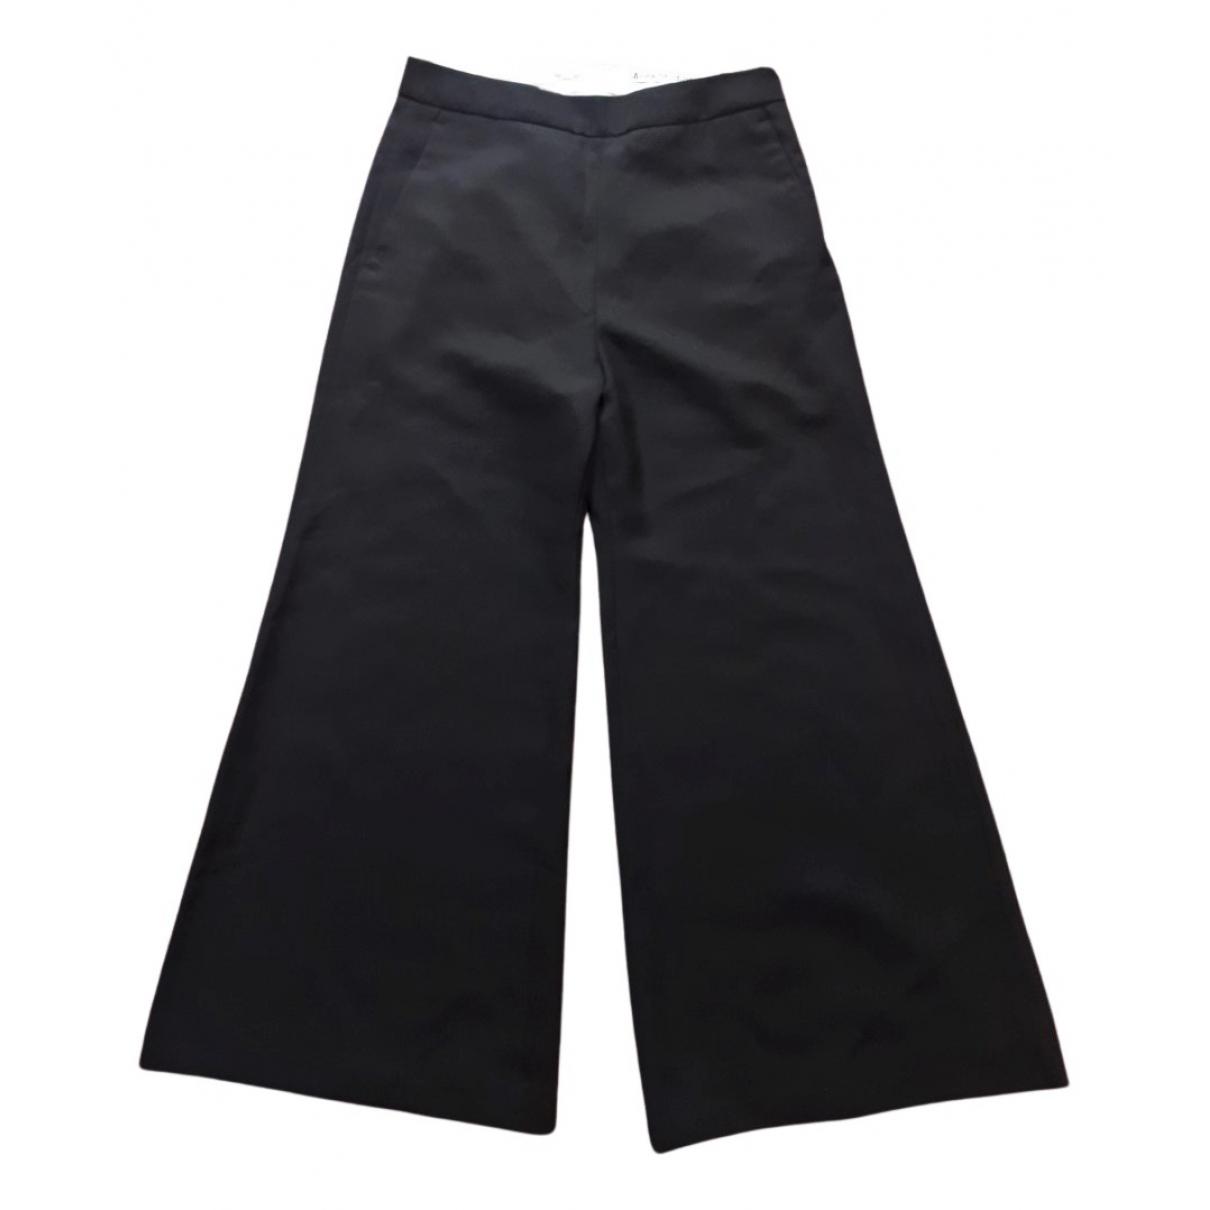 Acne Studios - Pantalon   pour femme en laine - noir